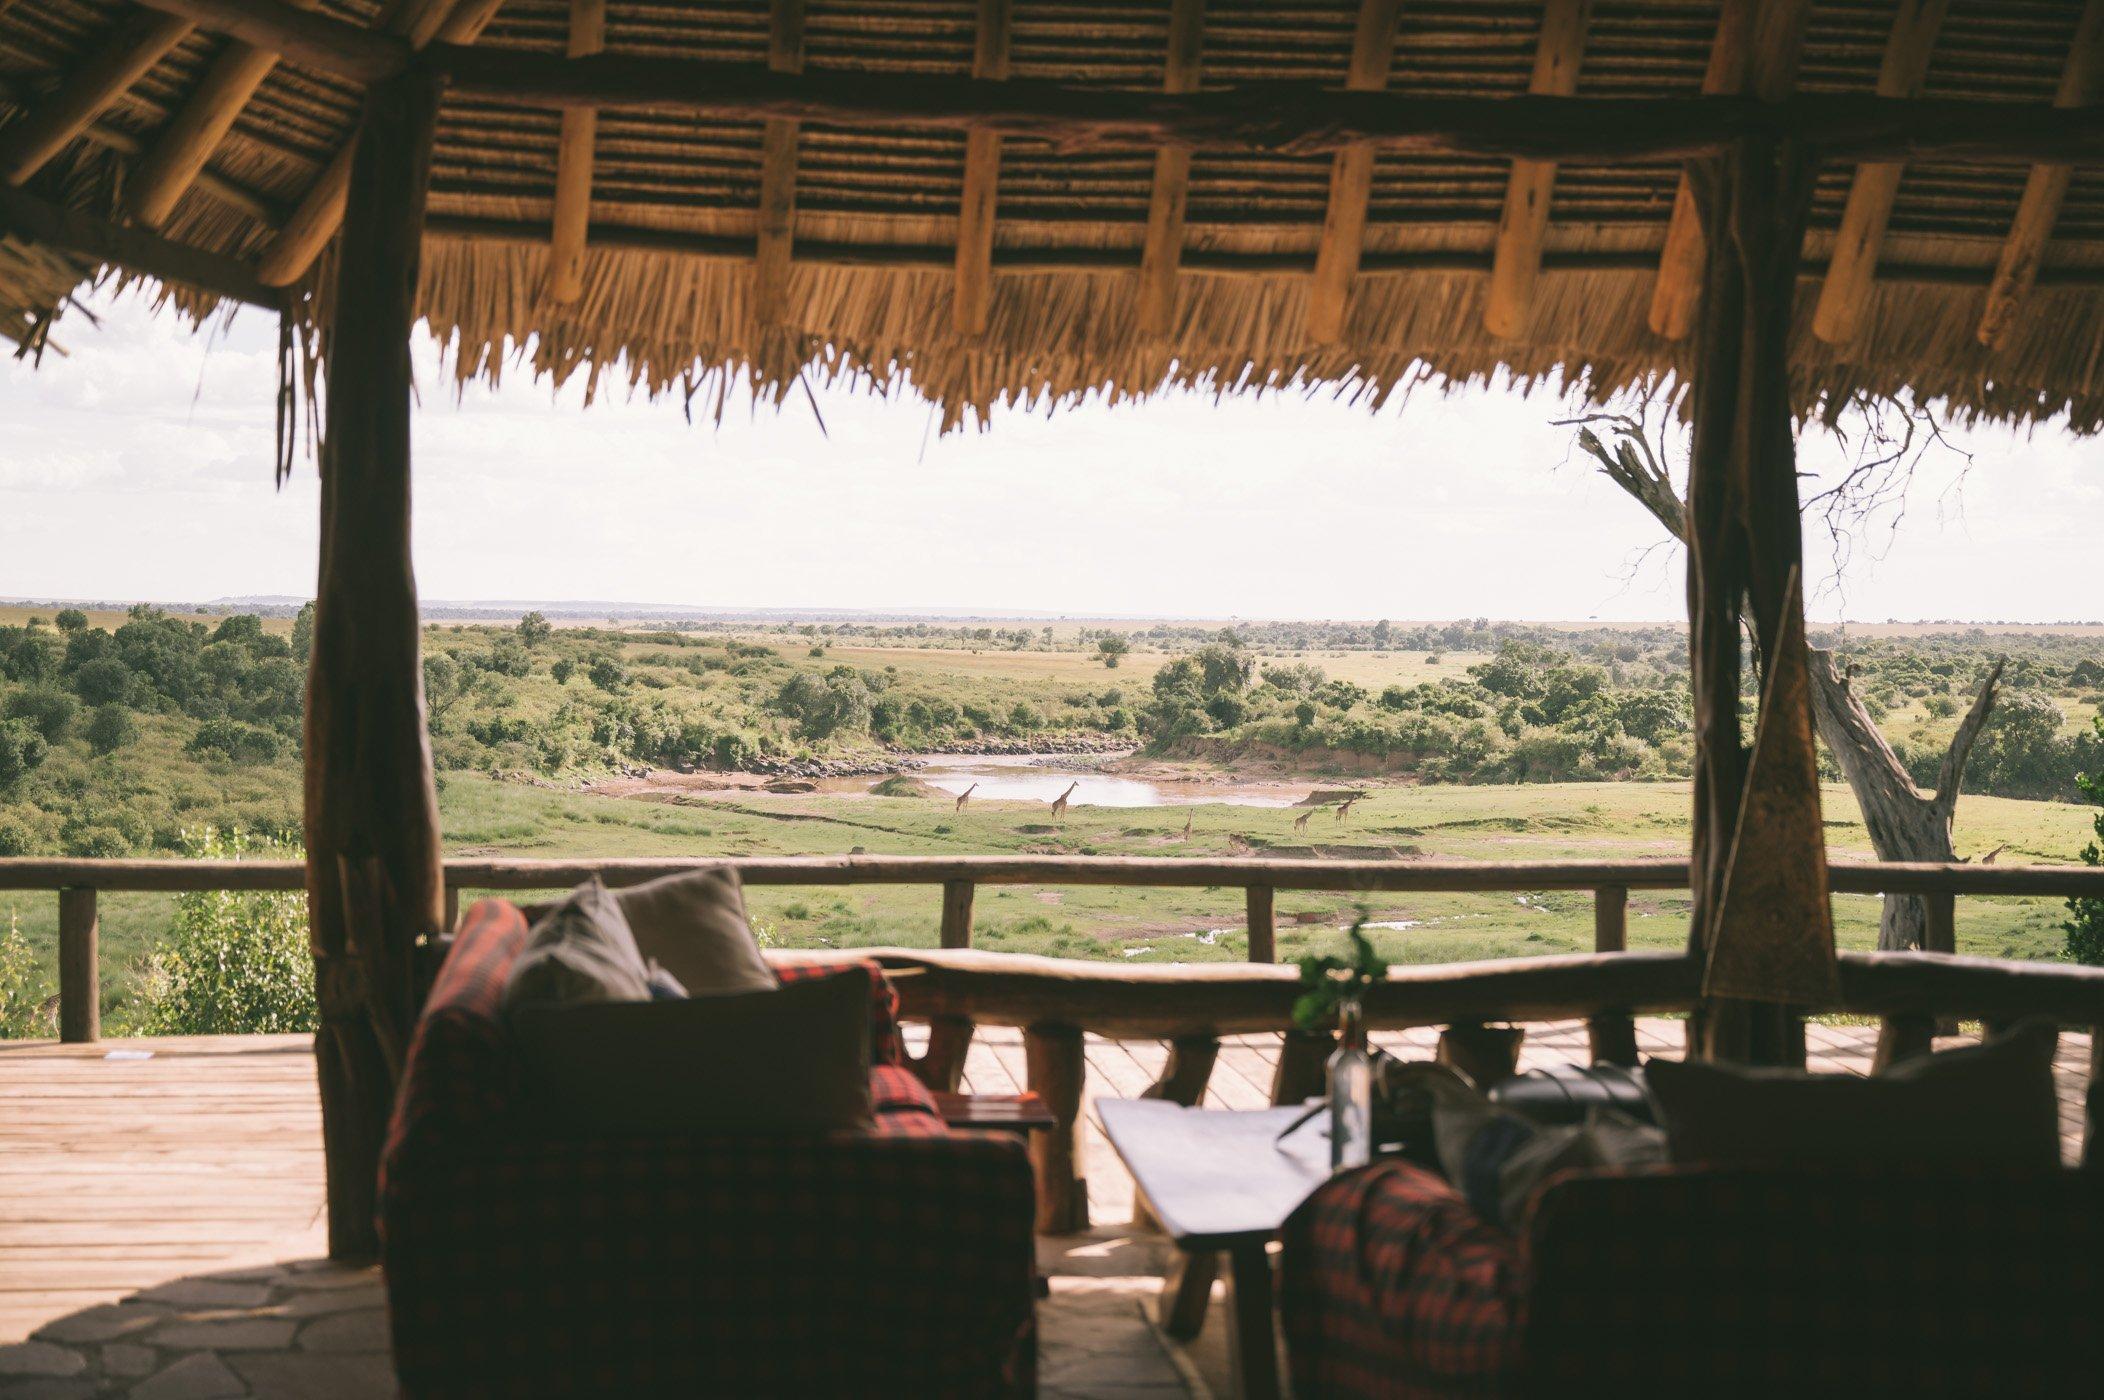 Tangulia Mara Camp in the Maasai Mara Kenya